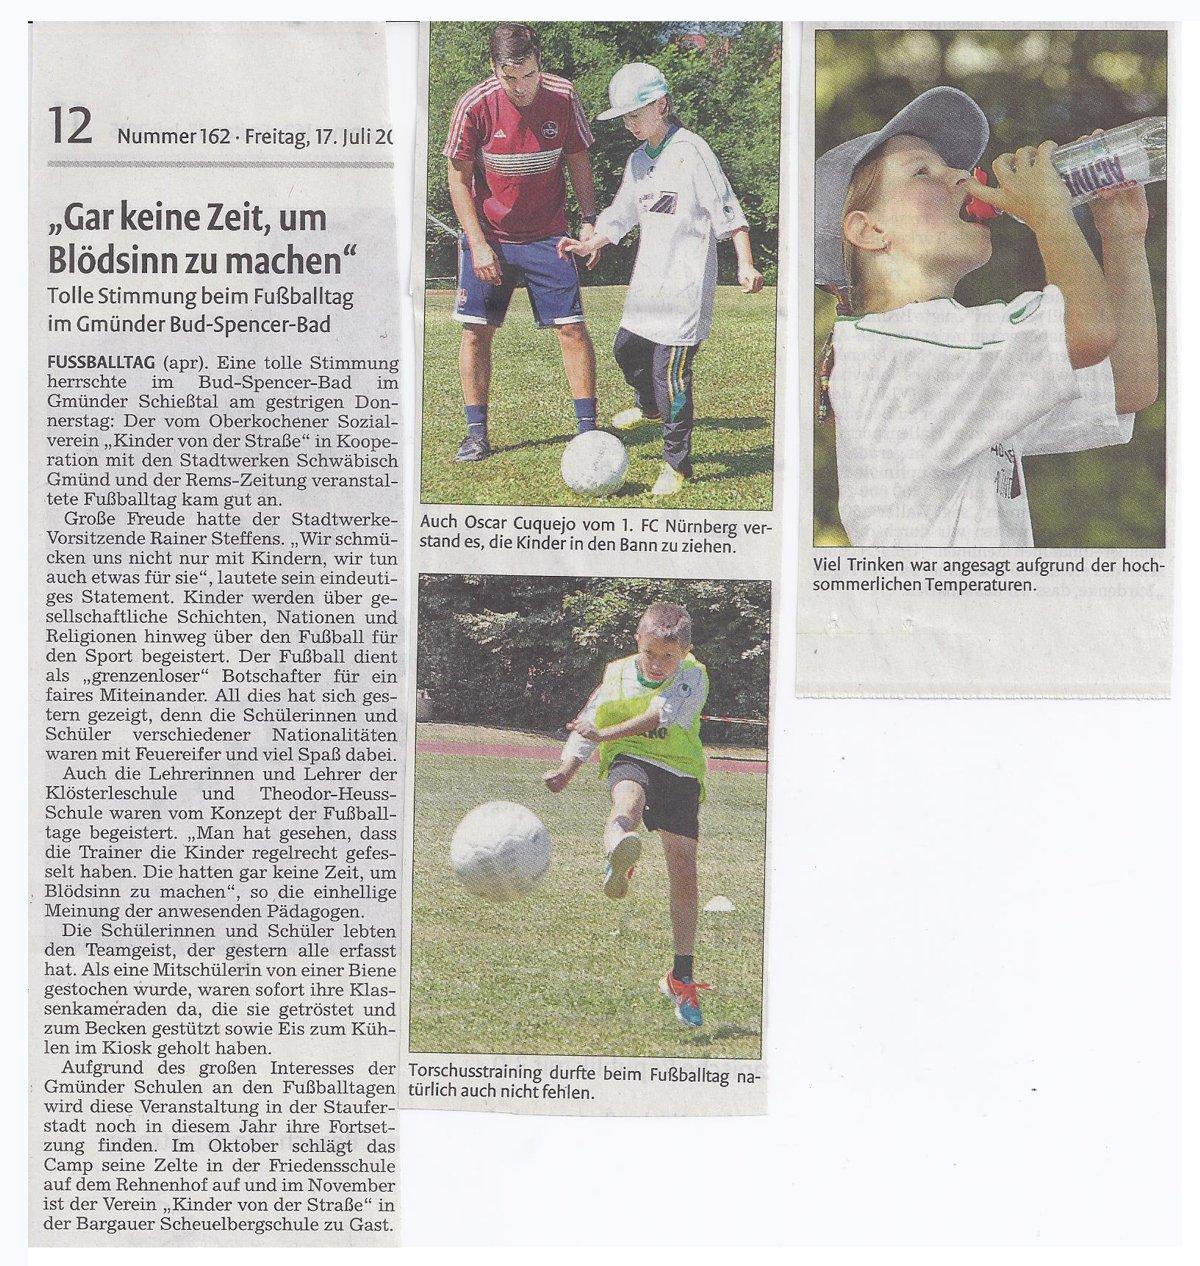 Remszeitung vom 17072015 - Bild 1 - Datum: 18.07.2015 - Tags: Pressebericht, Stadtwerke Schwäbisch Gmünd, AKTION FUSSBALLTAG e.V.